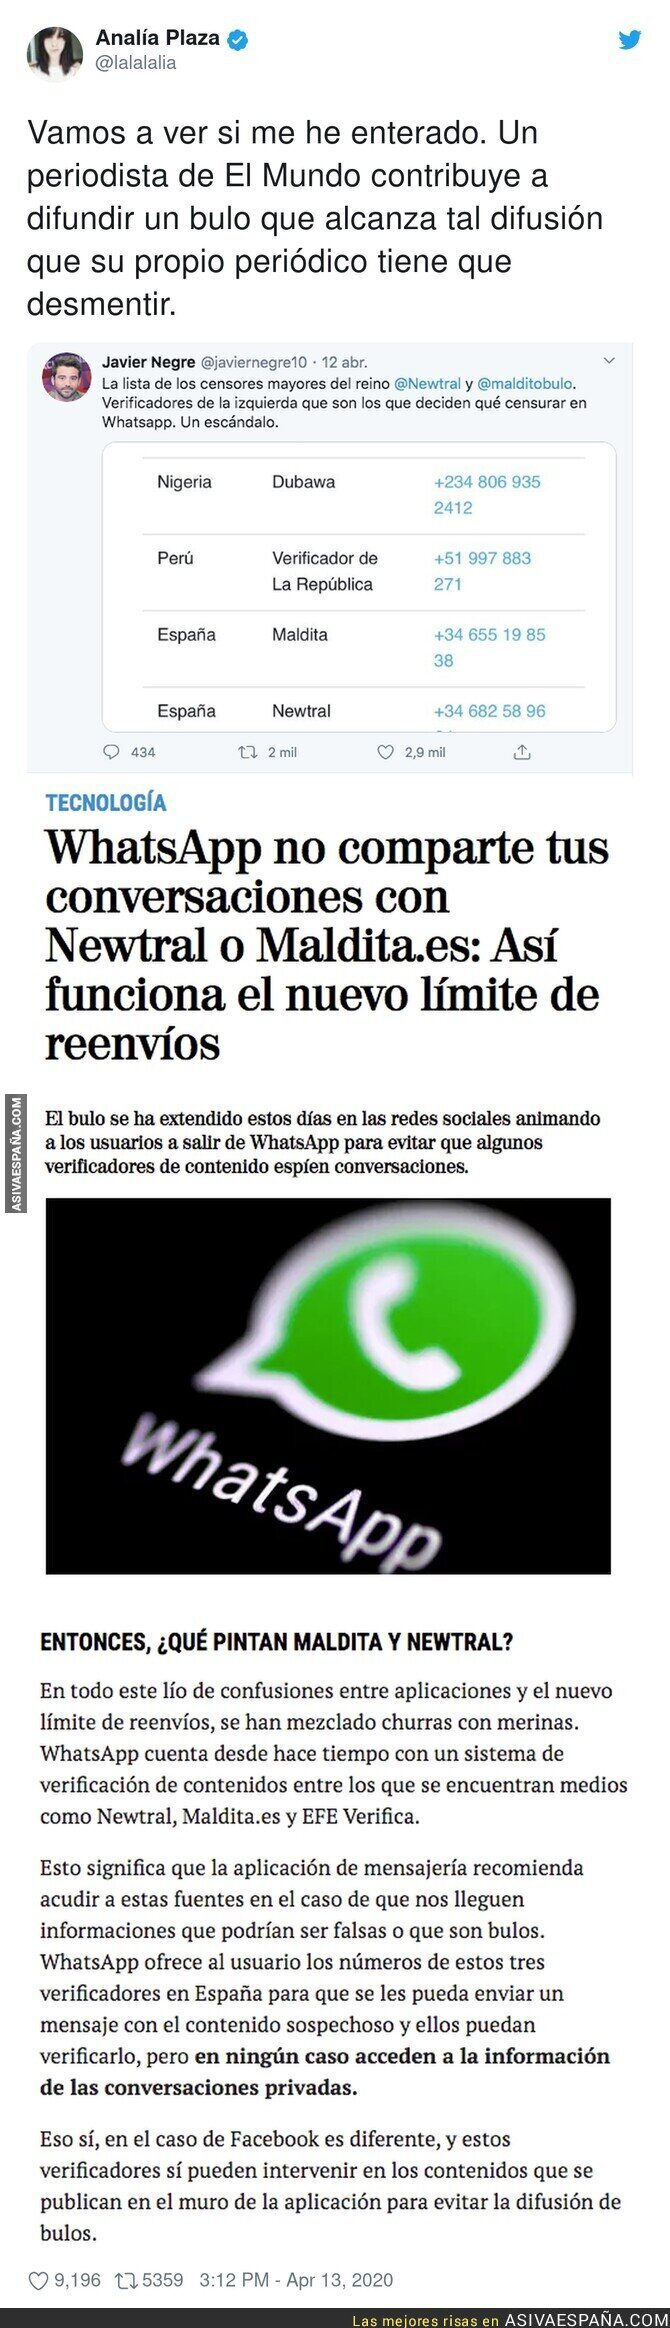 143850 - Javier Negre difunde un bulo sobre WhatsApp y el coronavirus y su propio diario le desmiente